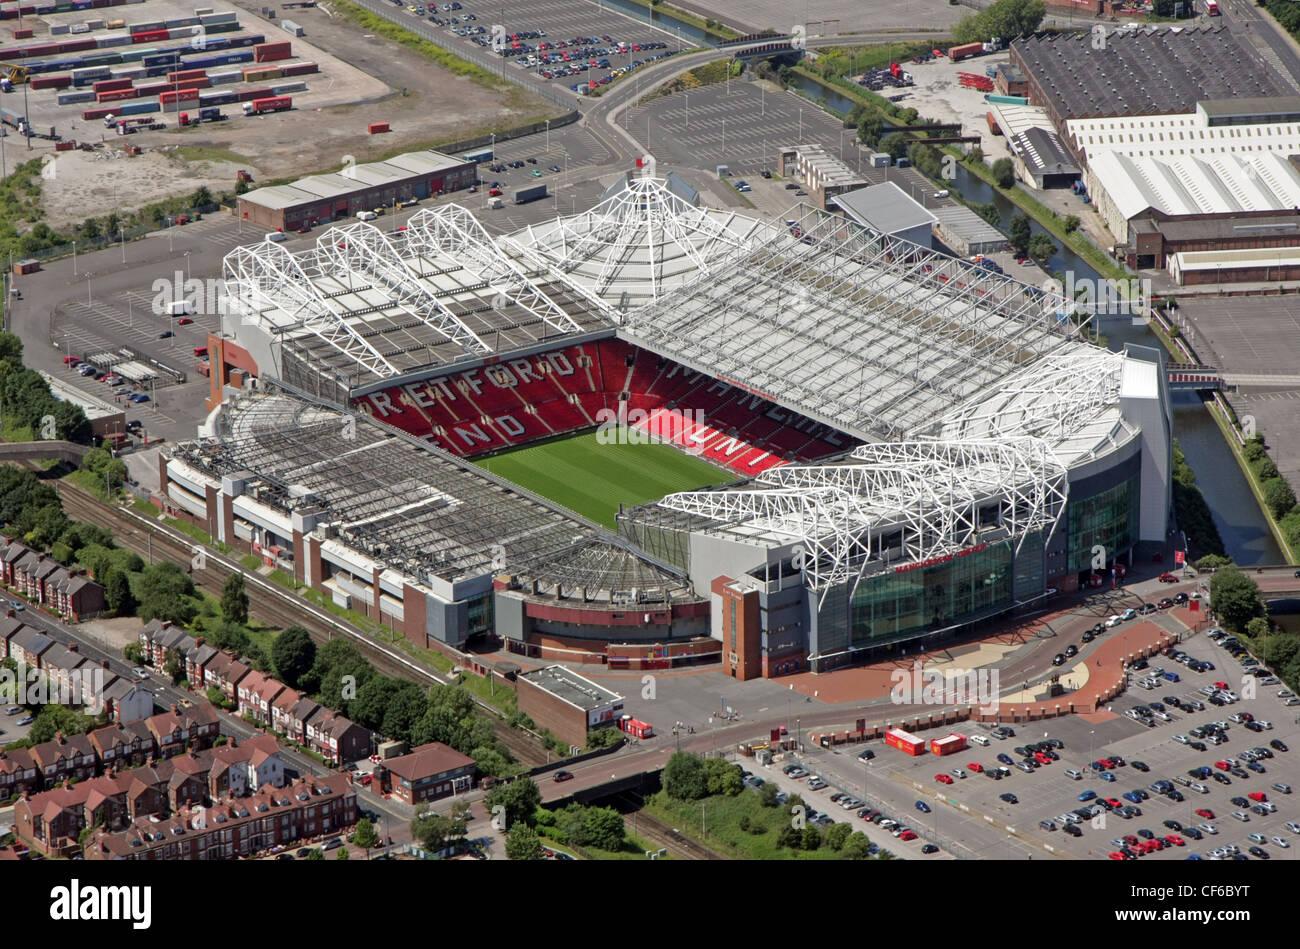 Luftaufnahme des Old Trafford-Stadion von Manchester United FC Stockbild